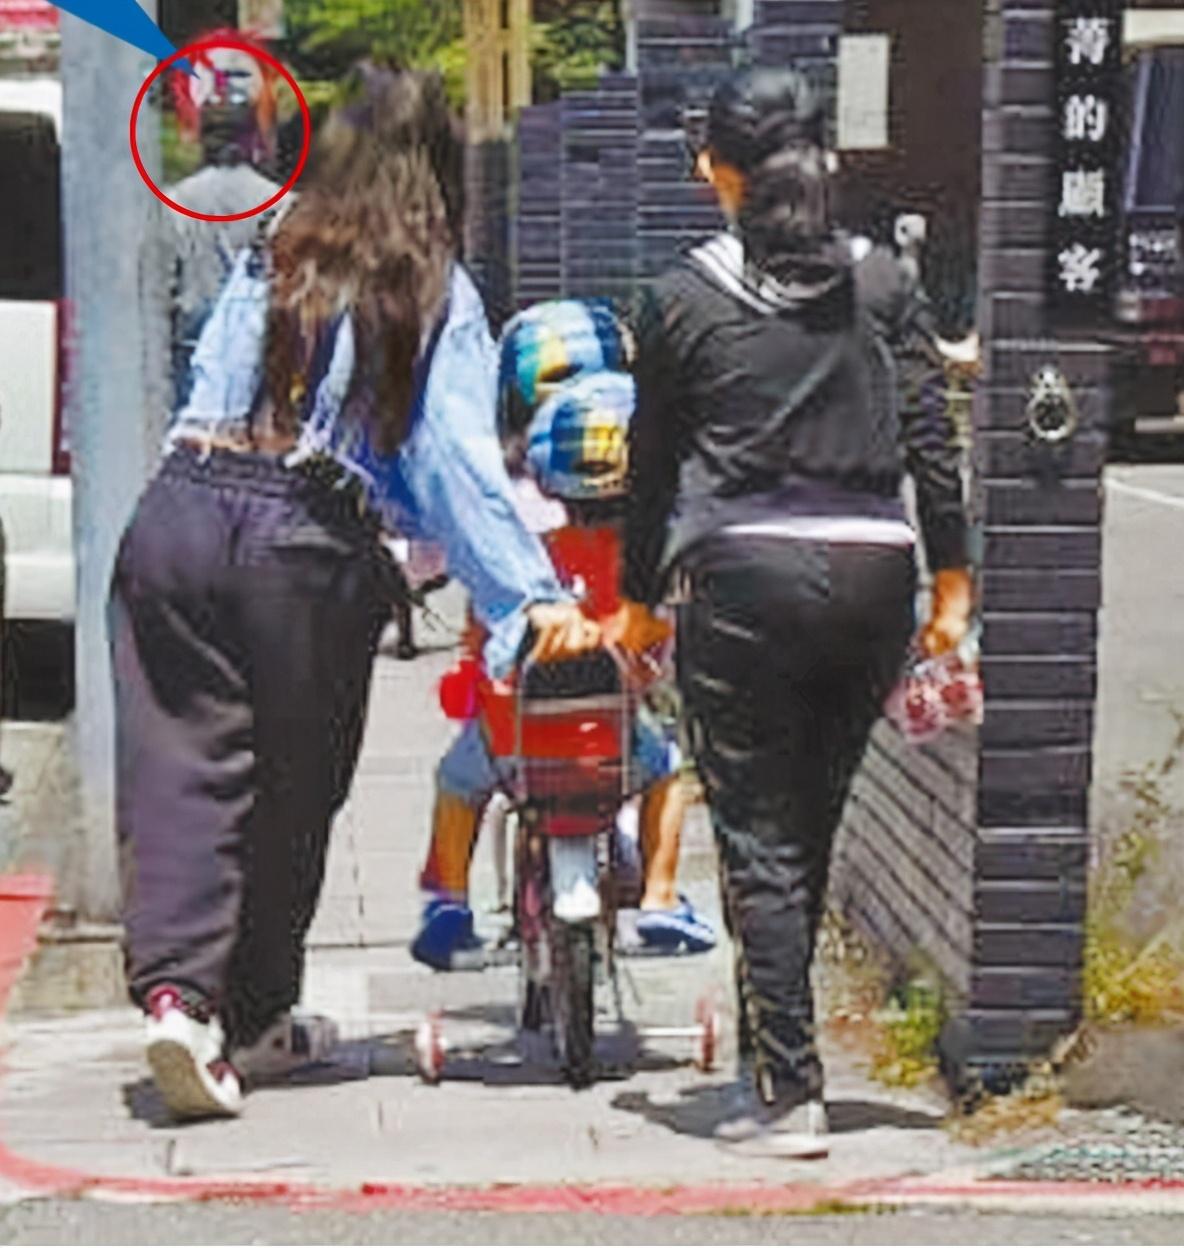 Cặp sao và bảo mẫu đưa ba đứa trẻ đi chơi, hồi tháng 4.